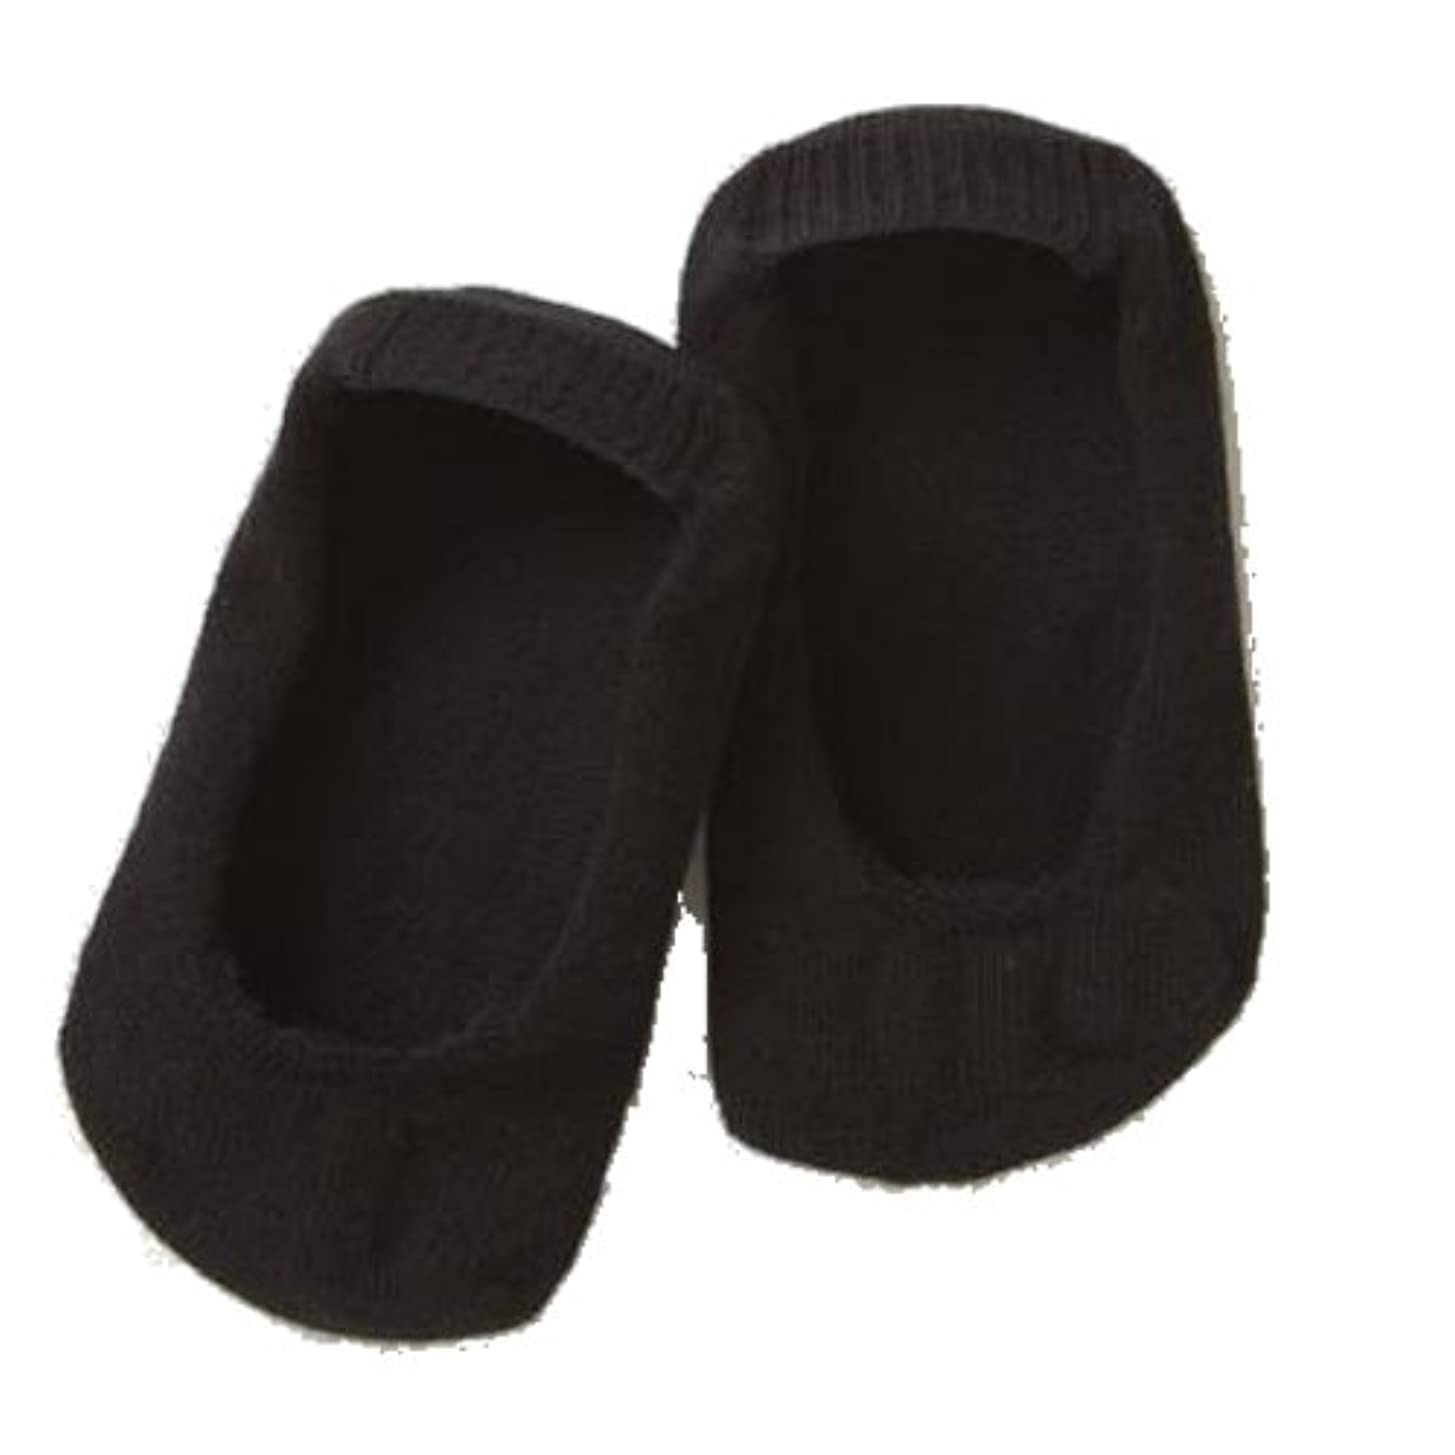 ビスケット染色公平な足指すっきり内側5本指フットカバー 1足組 ブラック